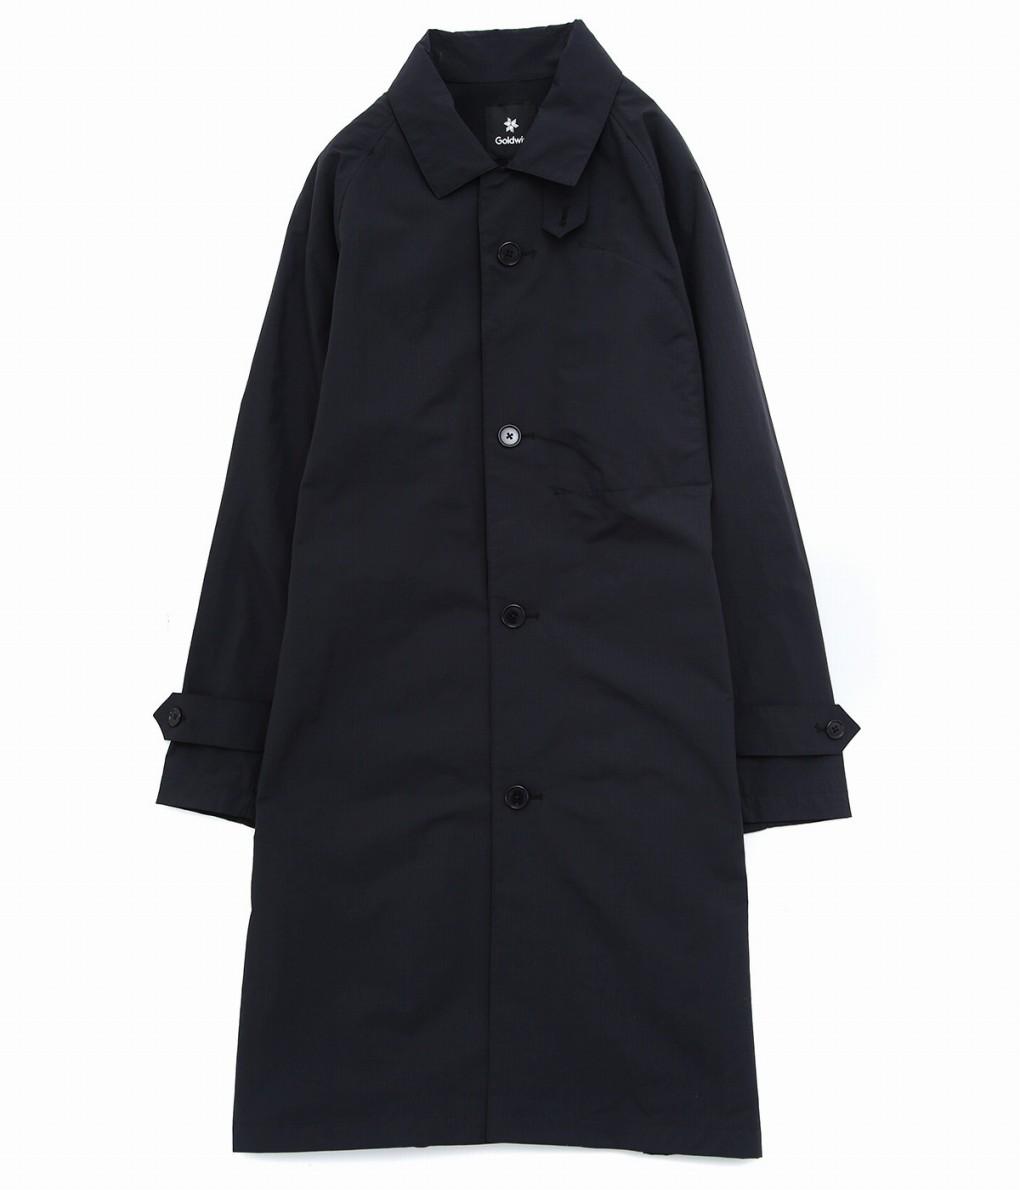 GOLDWIN / ゴールドウィン : BAL COLLAR COAT : 19SS コート バルカラーコート バルカラー : GO11914P 【COR】